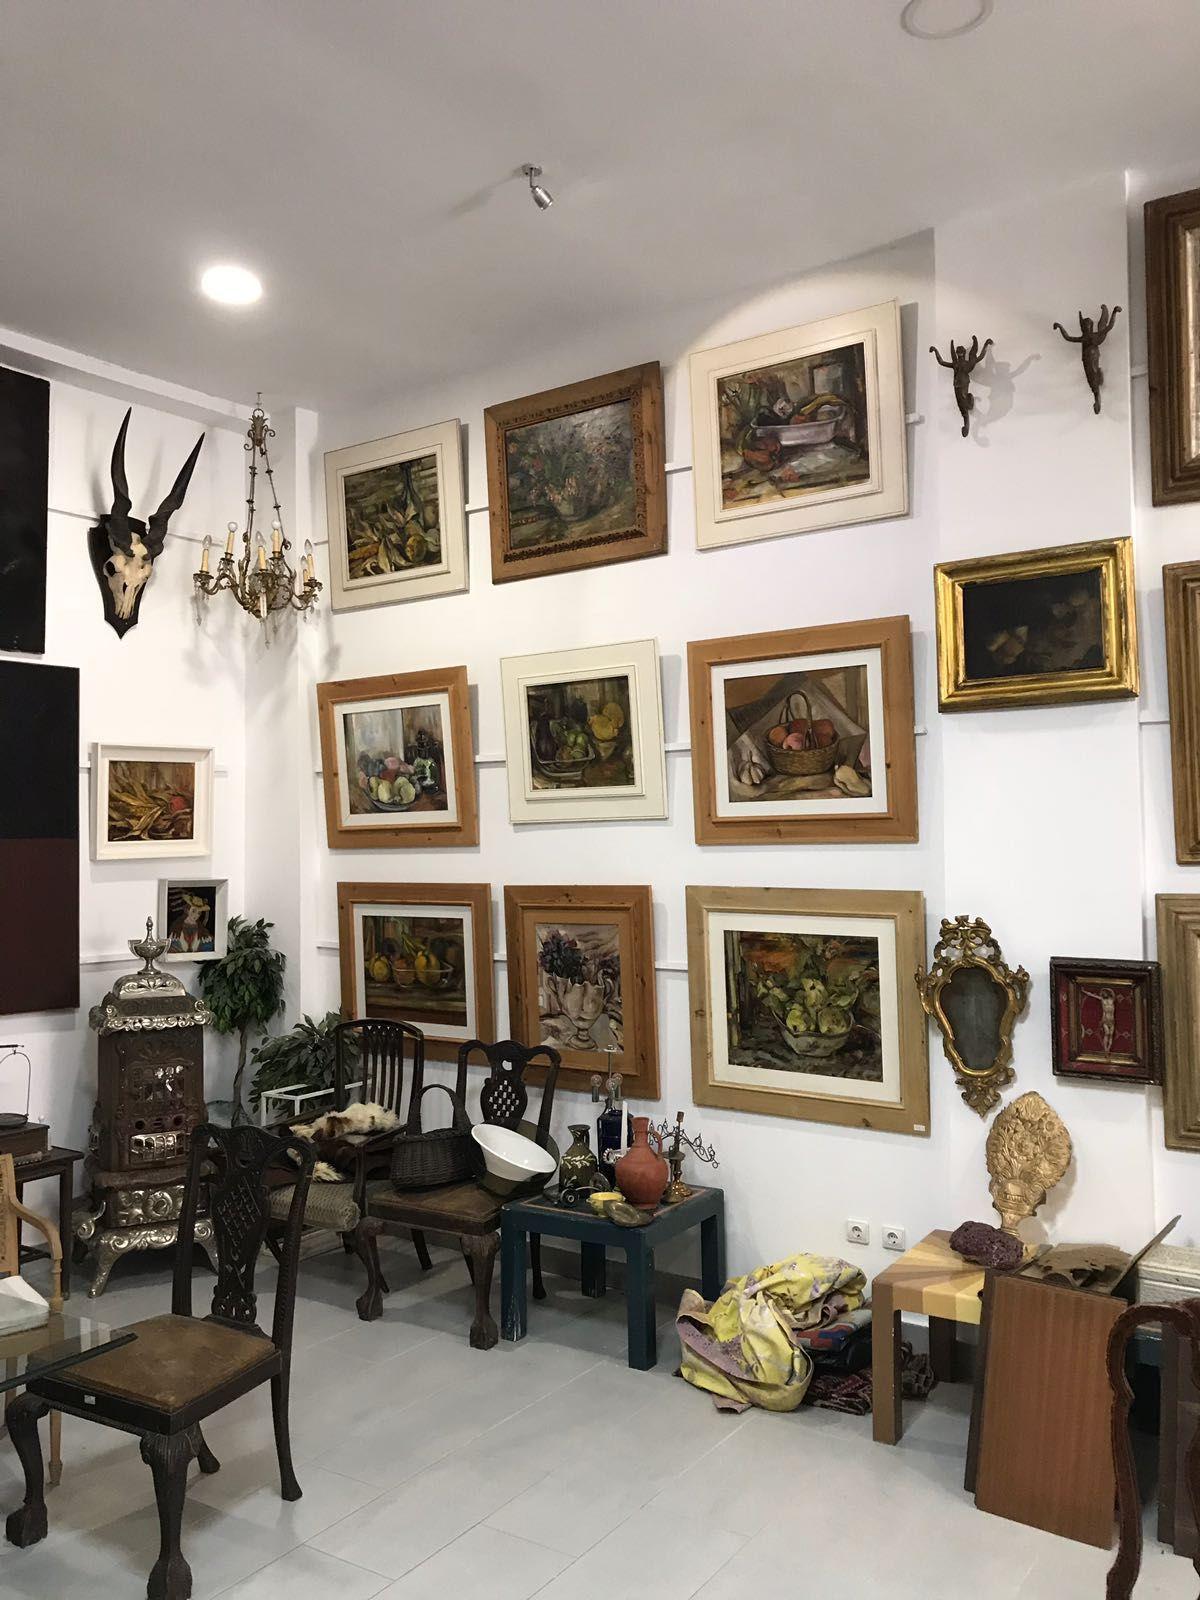 Foto 148 de Galerías de arte y salas de exposiciones en Cartagena | Arte & Antigüedades Federico Robles Perez